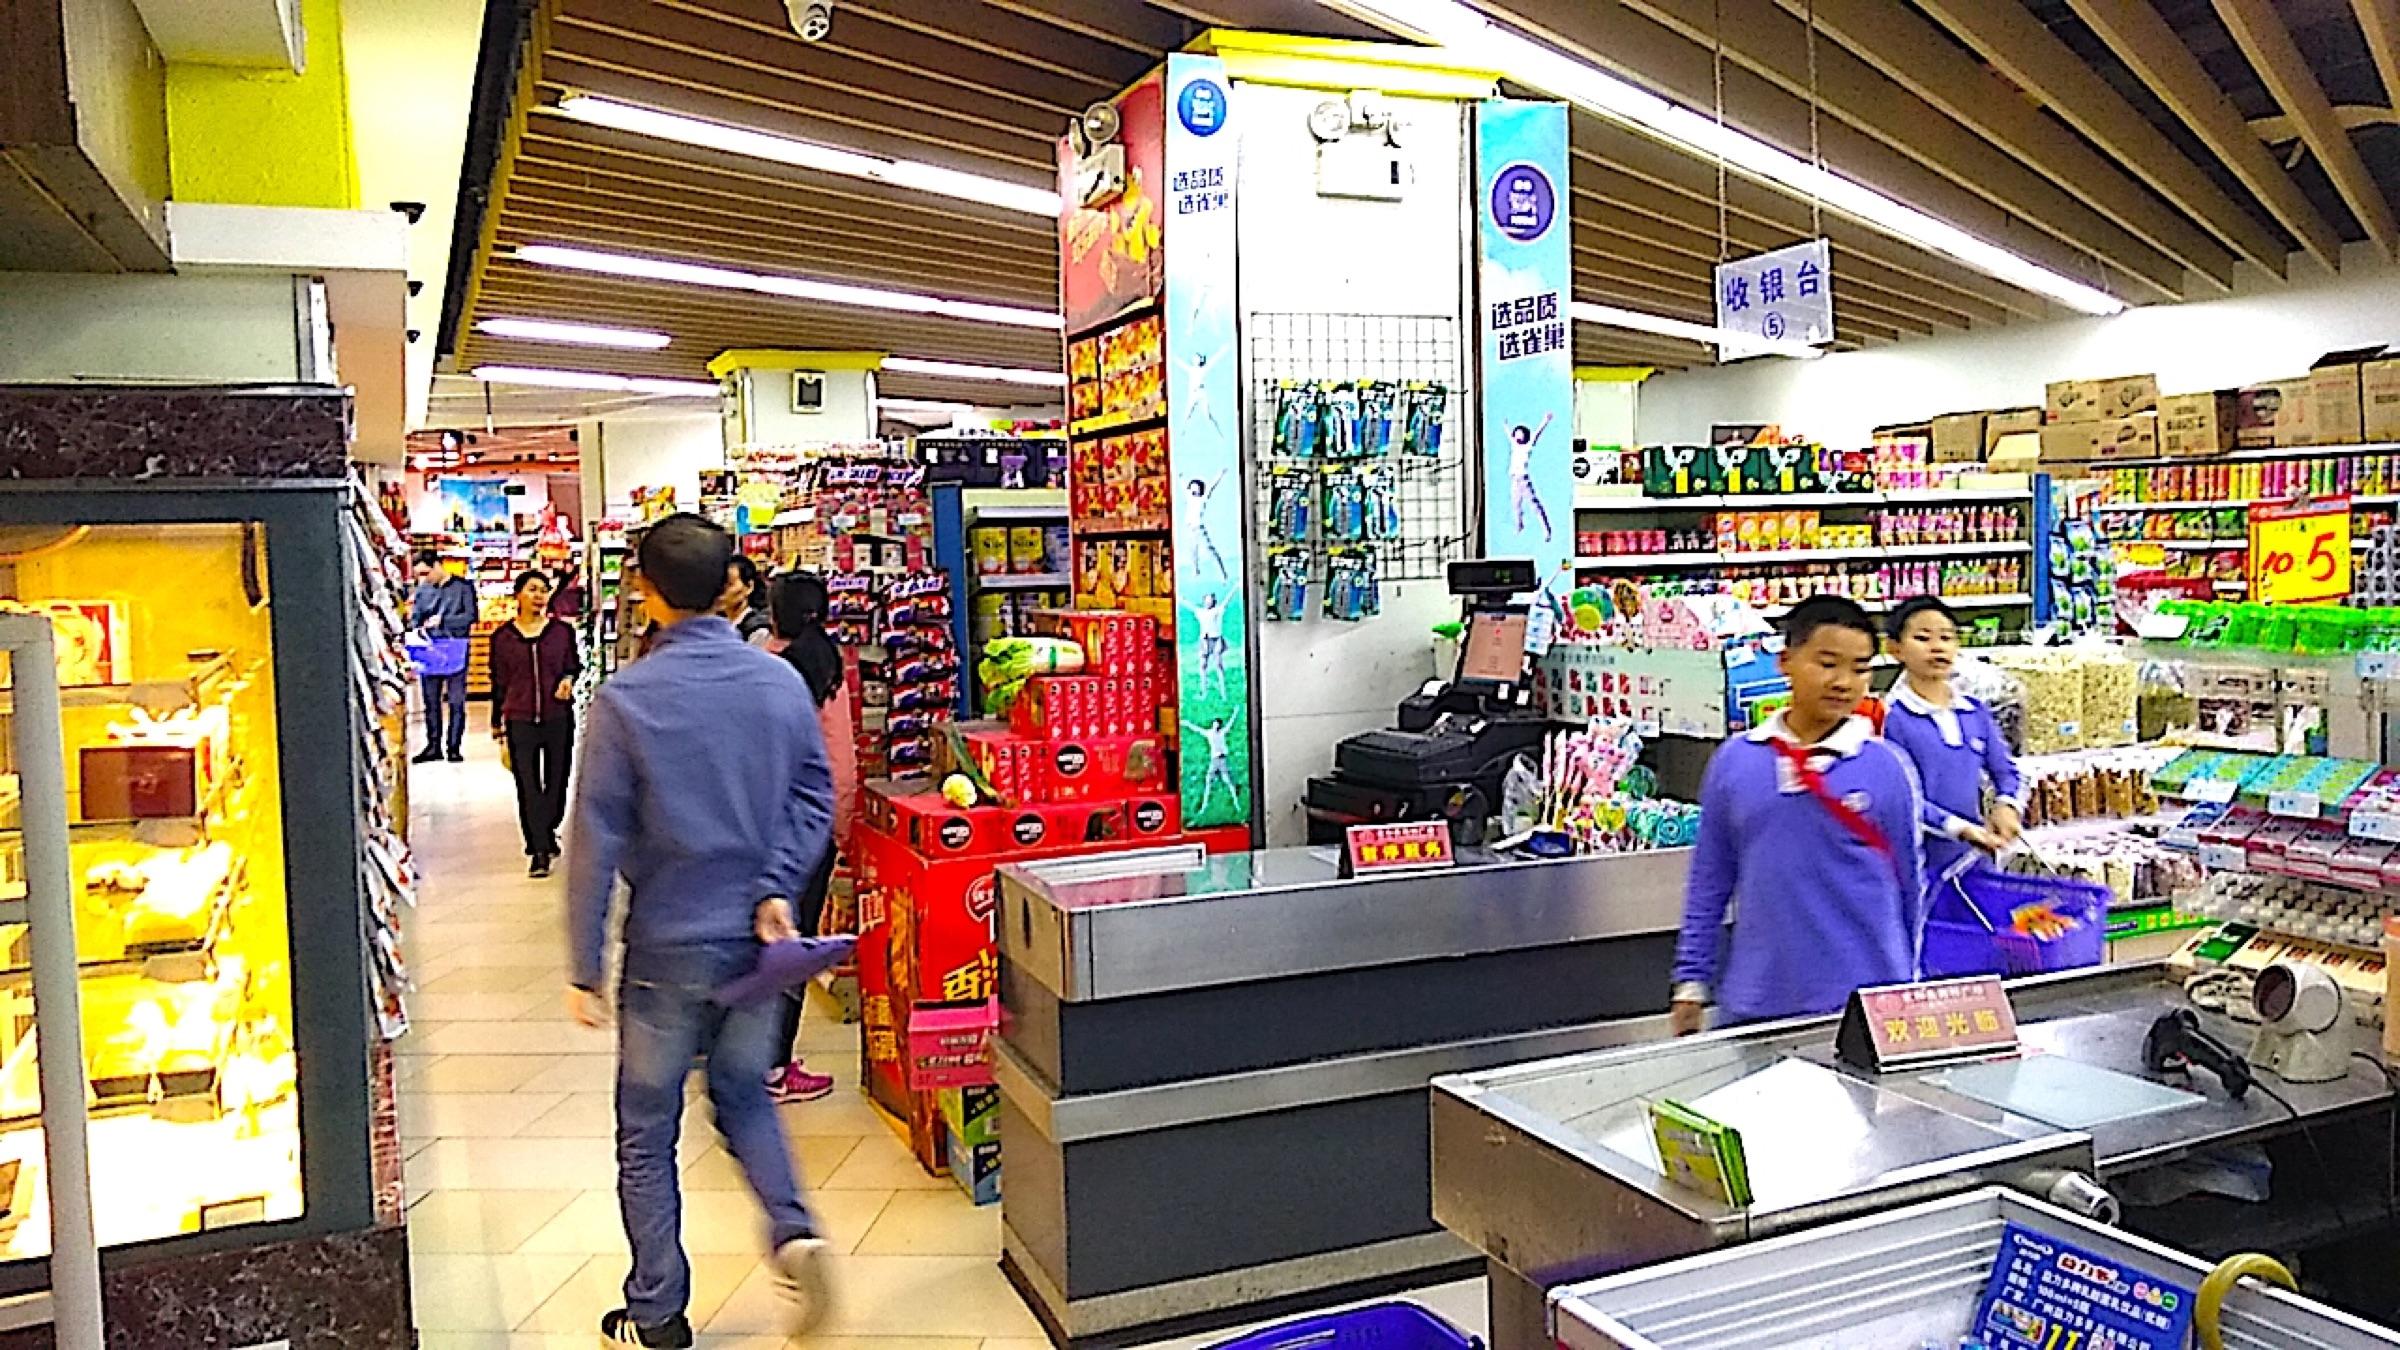 中国 深セン 福田の裏通りのスーパー1 Shenzhen Futian DOWN TOWN_[0]